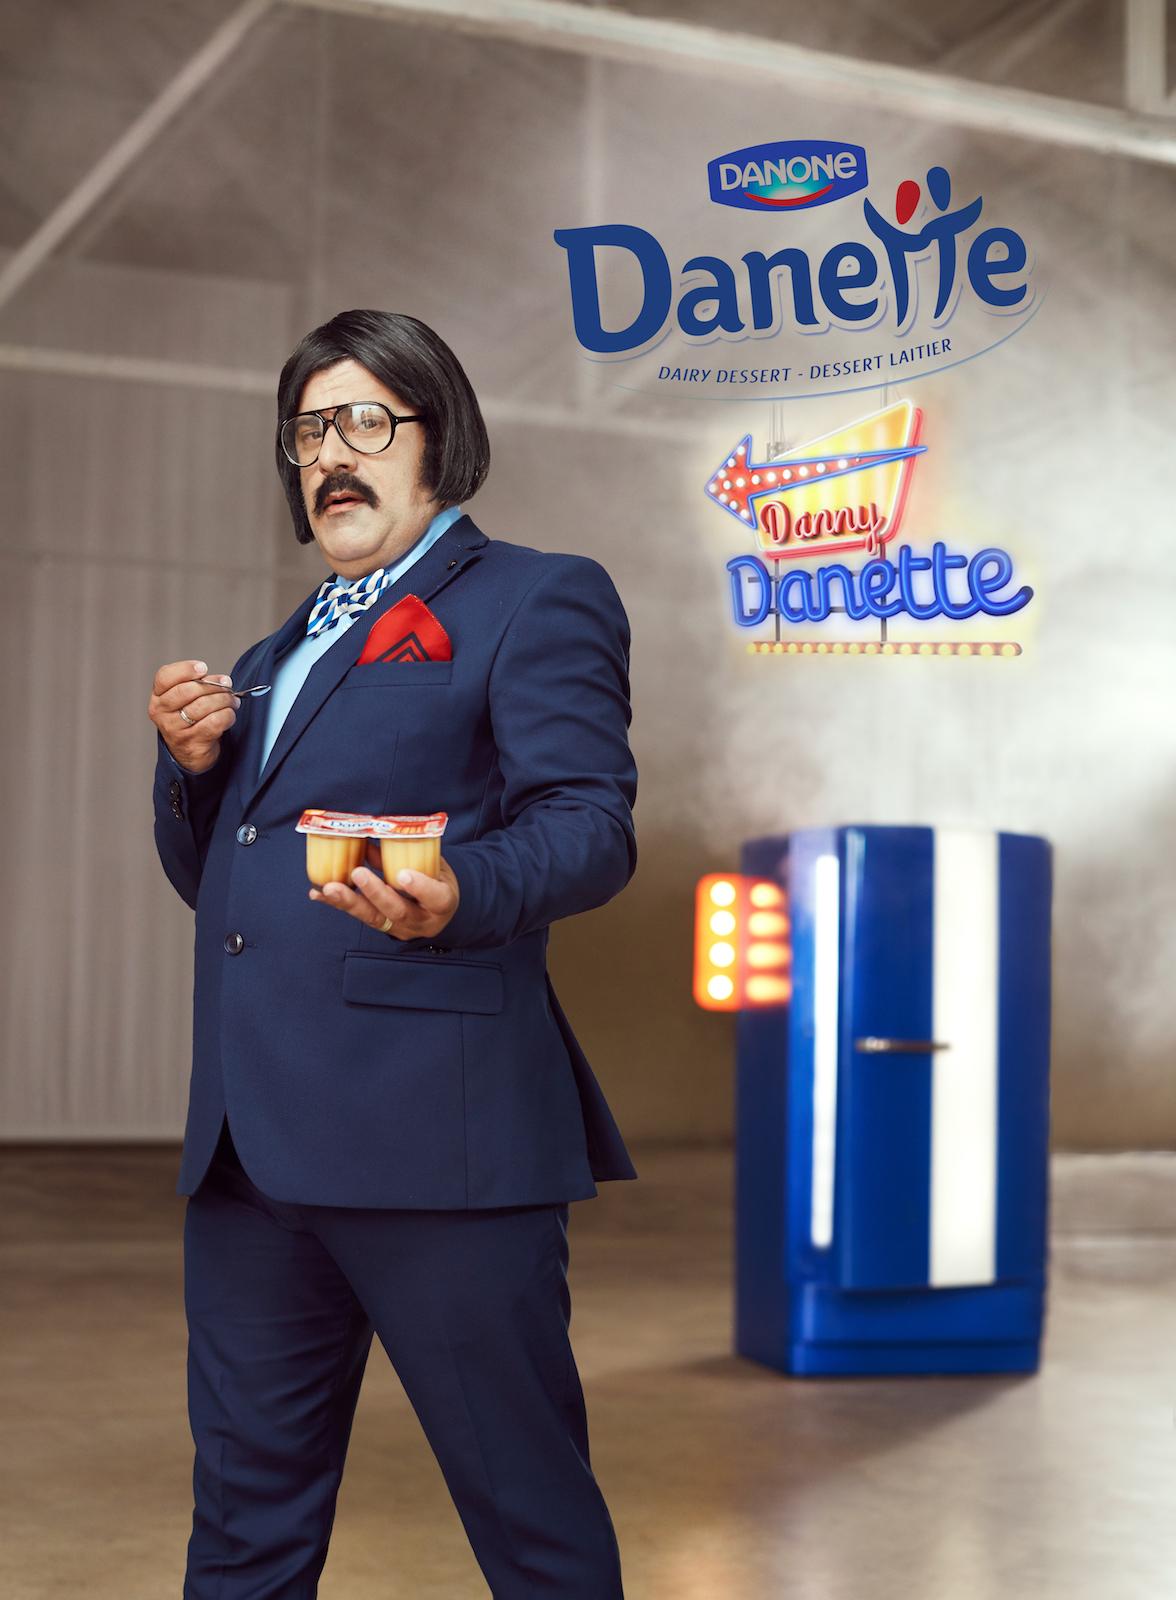 Danny Danette